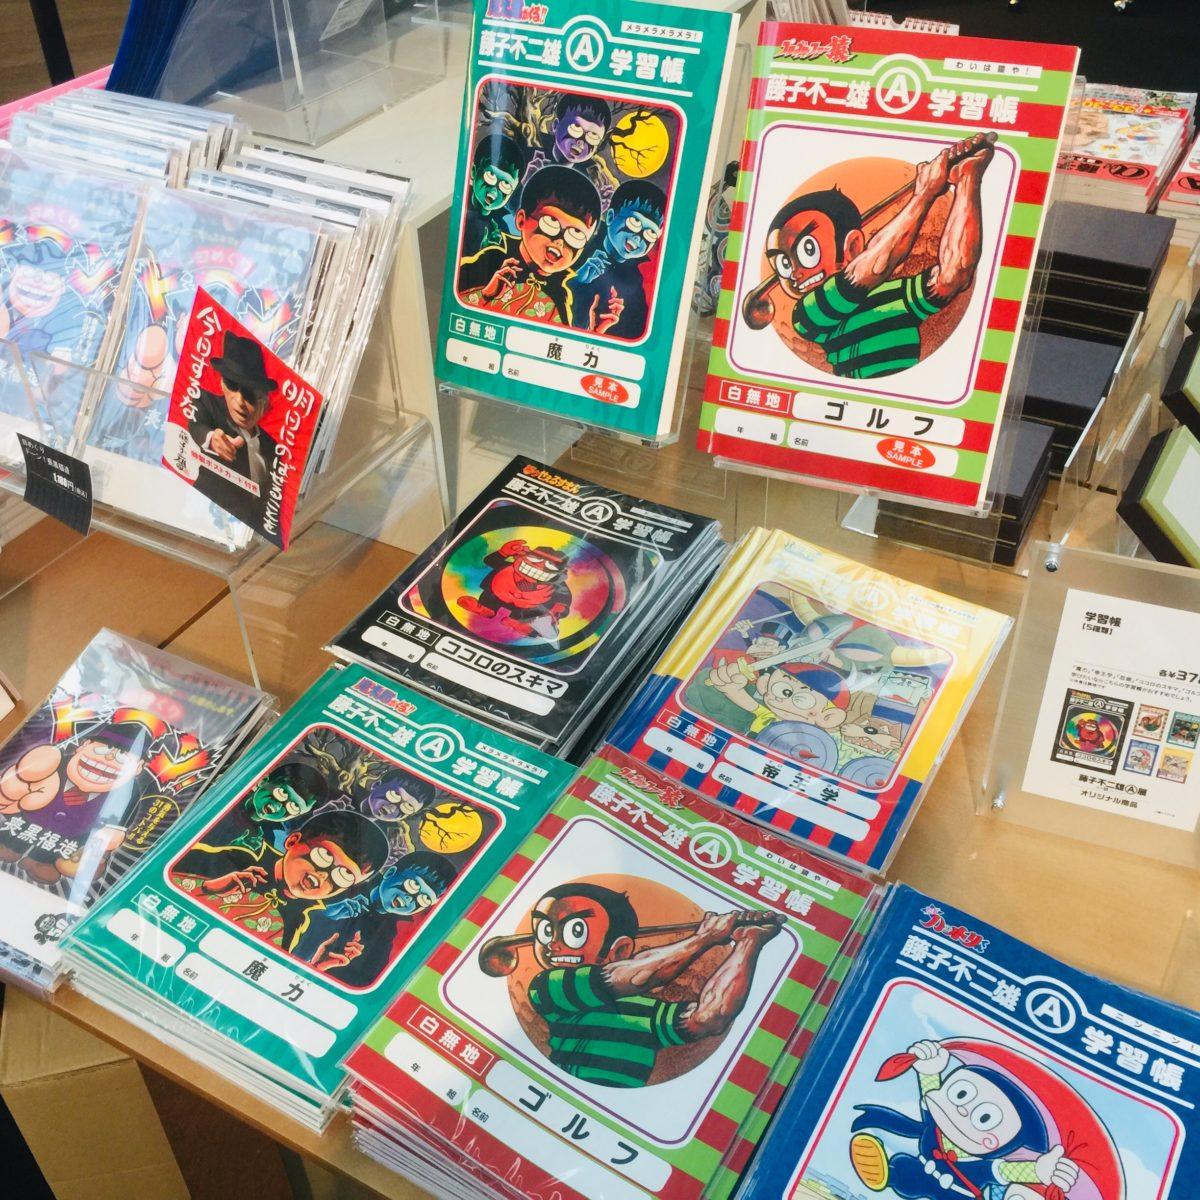 「藤子不二雄Ⓐ展」でのおみやげ屋「怪奇や」での学習帳販売